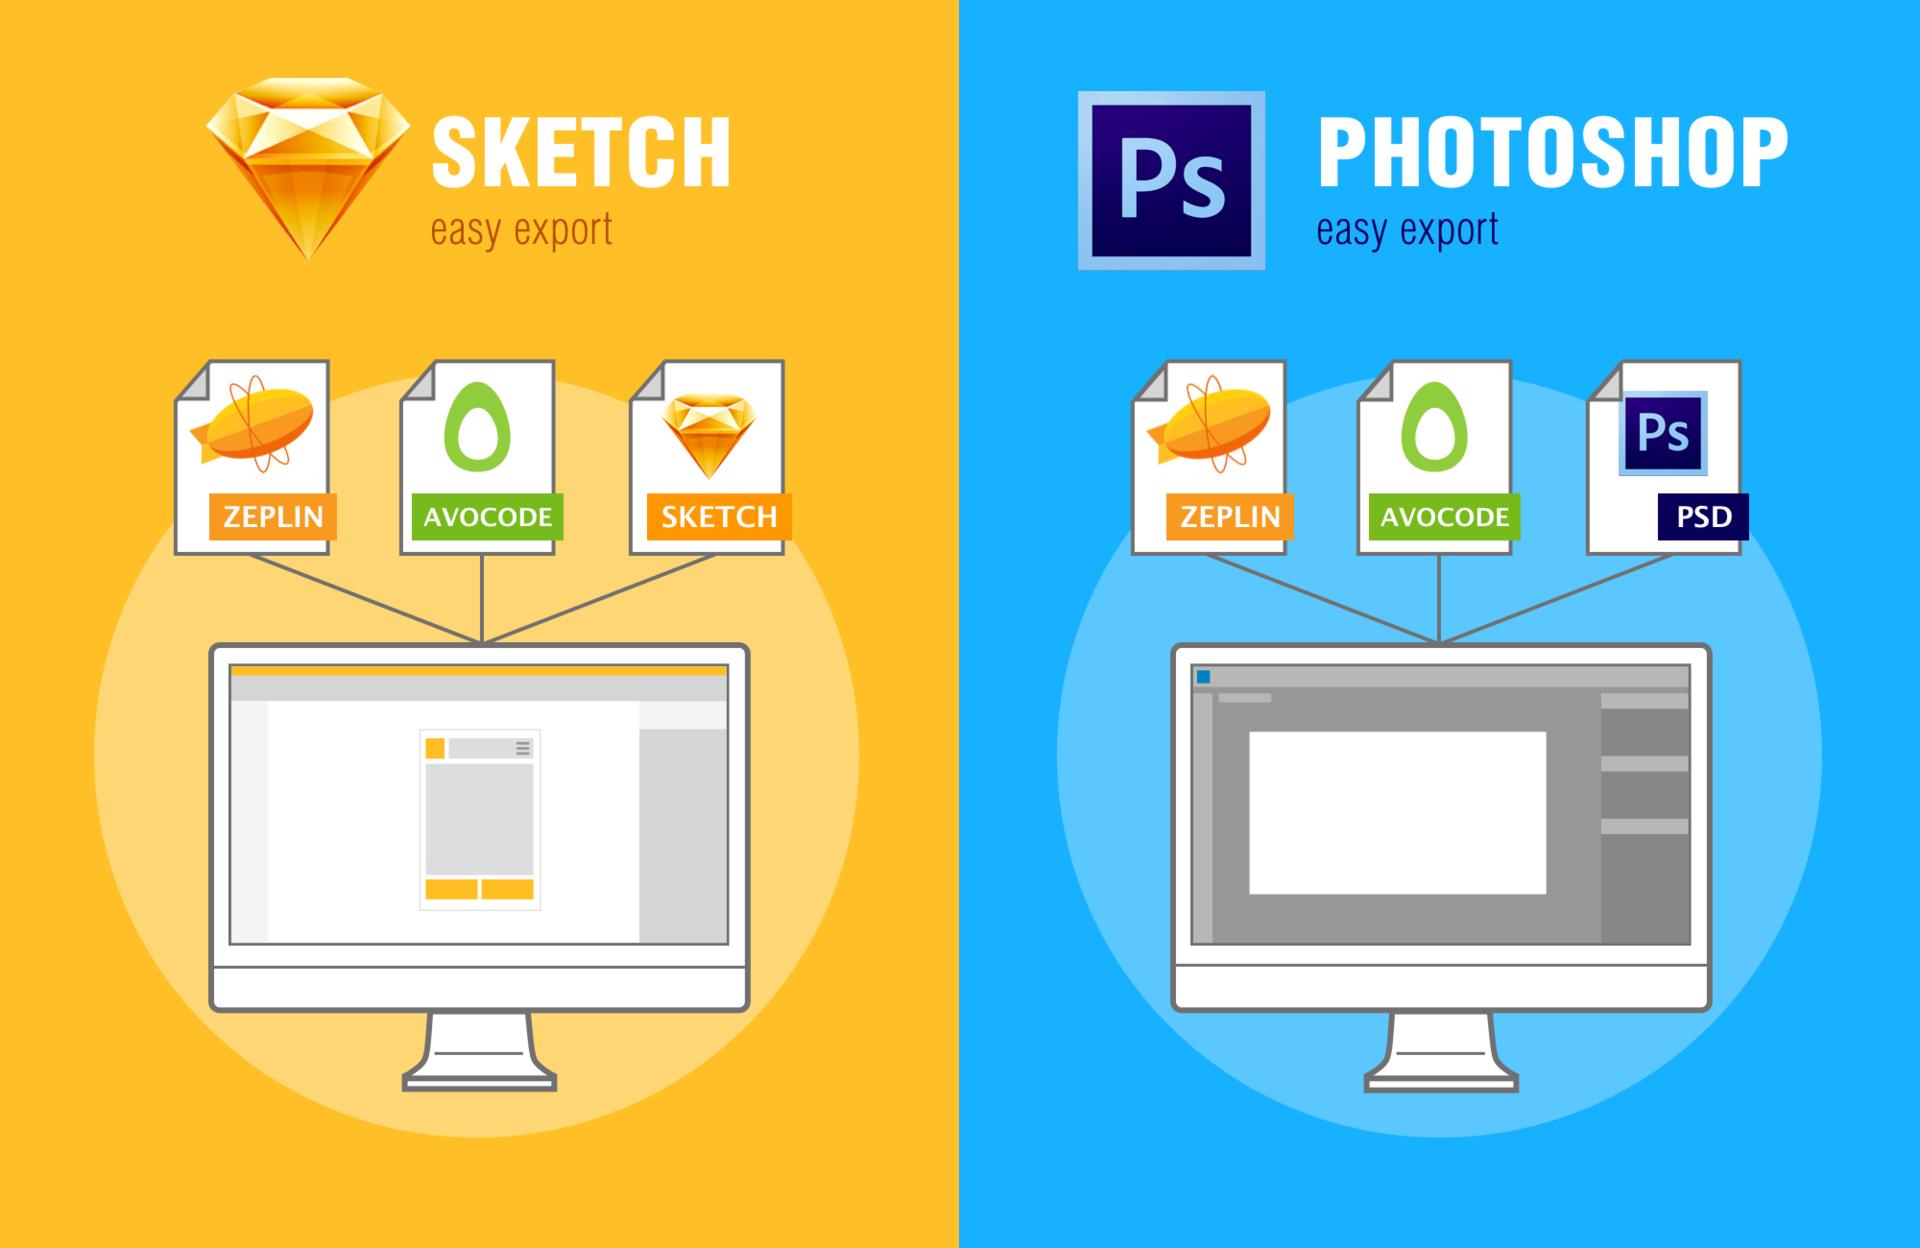 Photoshop, Sketch инструментарий UI-UX-дизайнеров: что выбрать для разработки интерфейсов? - 6